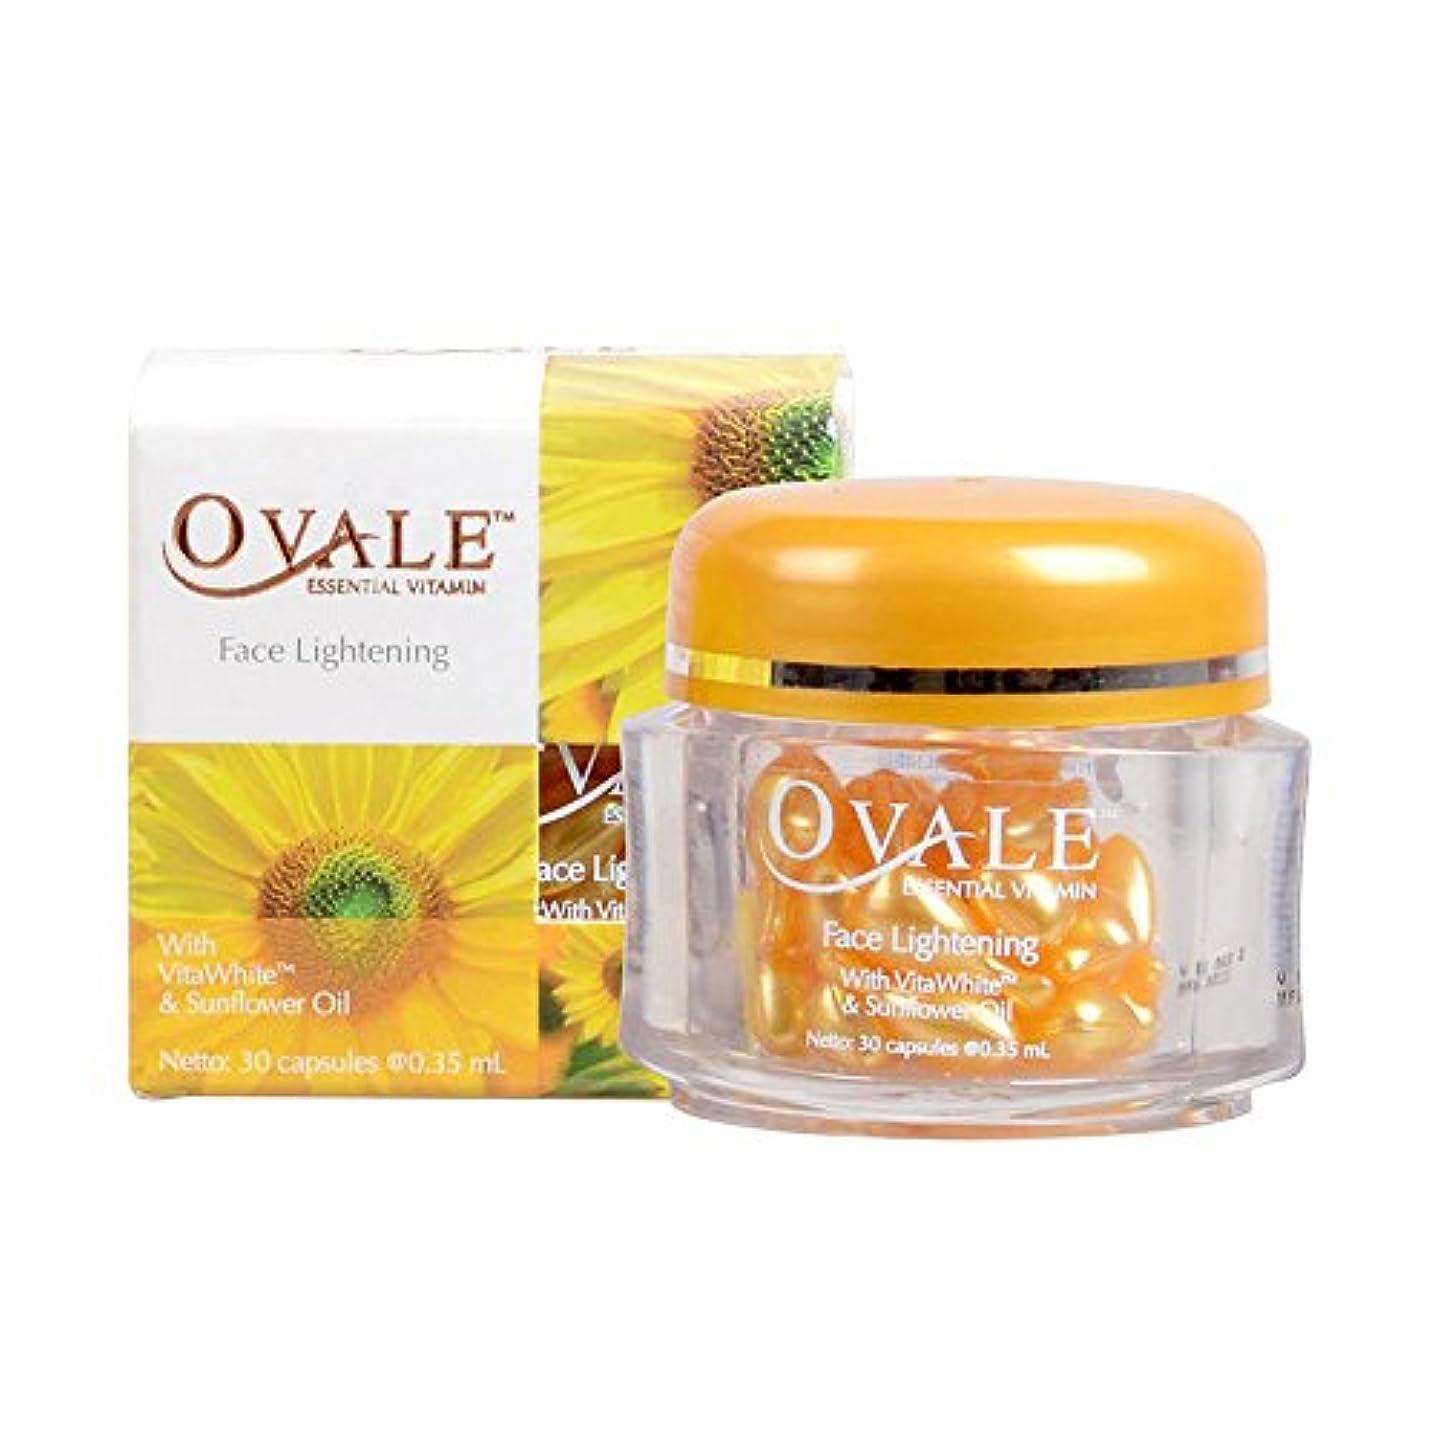 線形事業光のOvale オーバル フェイシャル美容液 essential vitamin エッセンシャルビタミン 30粒入ボトル×2個 サンフラワー [海外直送品]